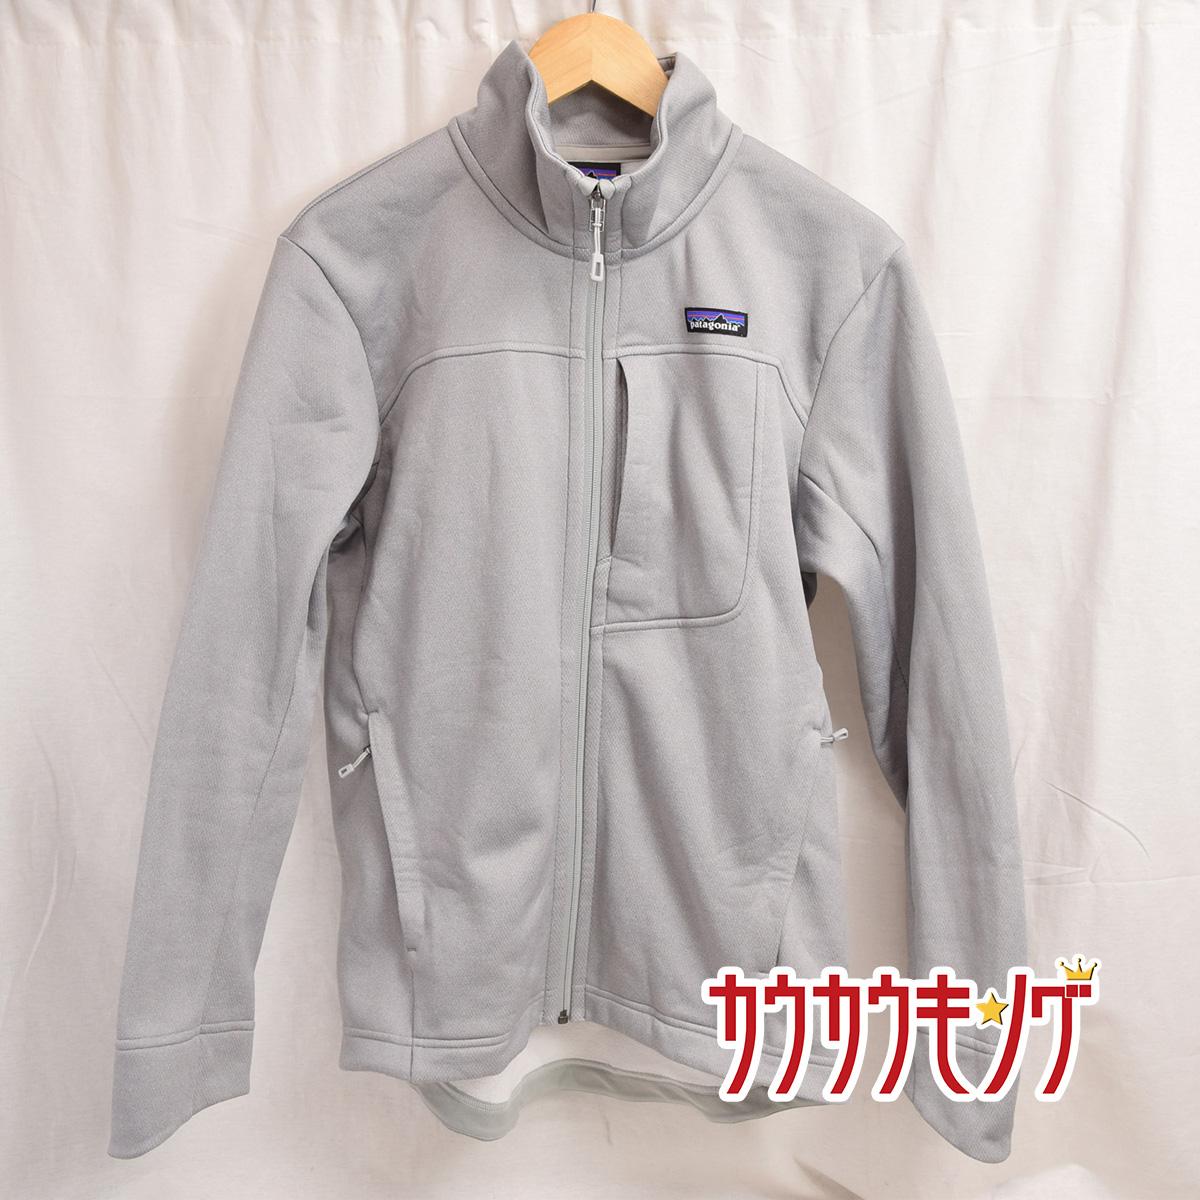 【中古】パタゴニア/Patagonia メンズ ユカイア ジャケット サイズS ジップアップ ジャケット